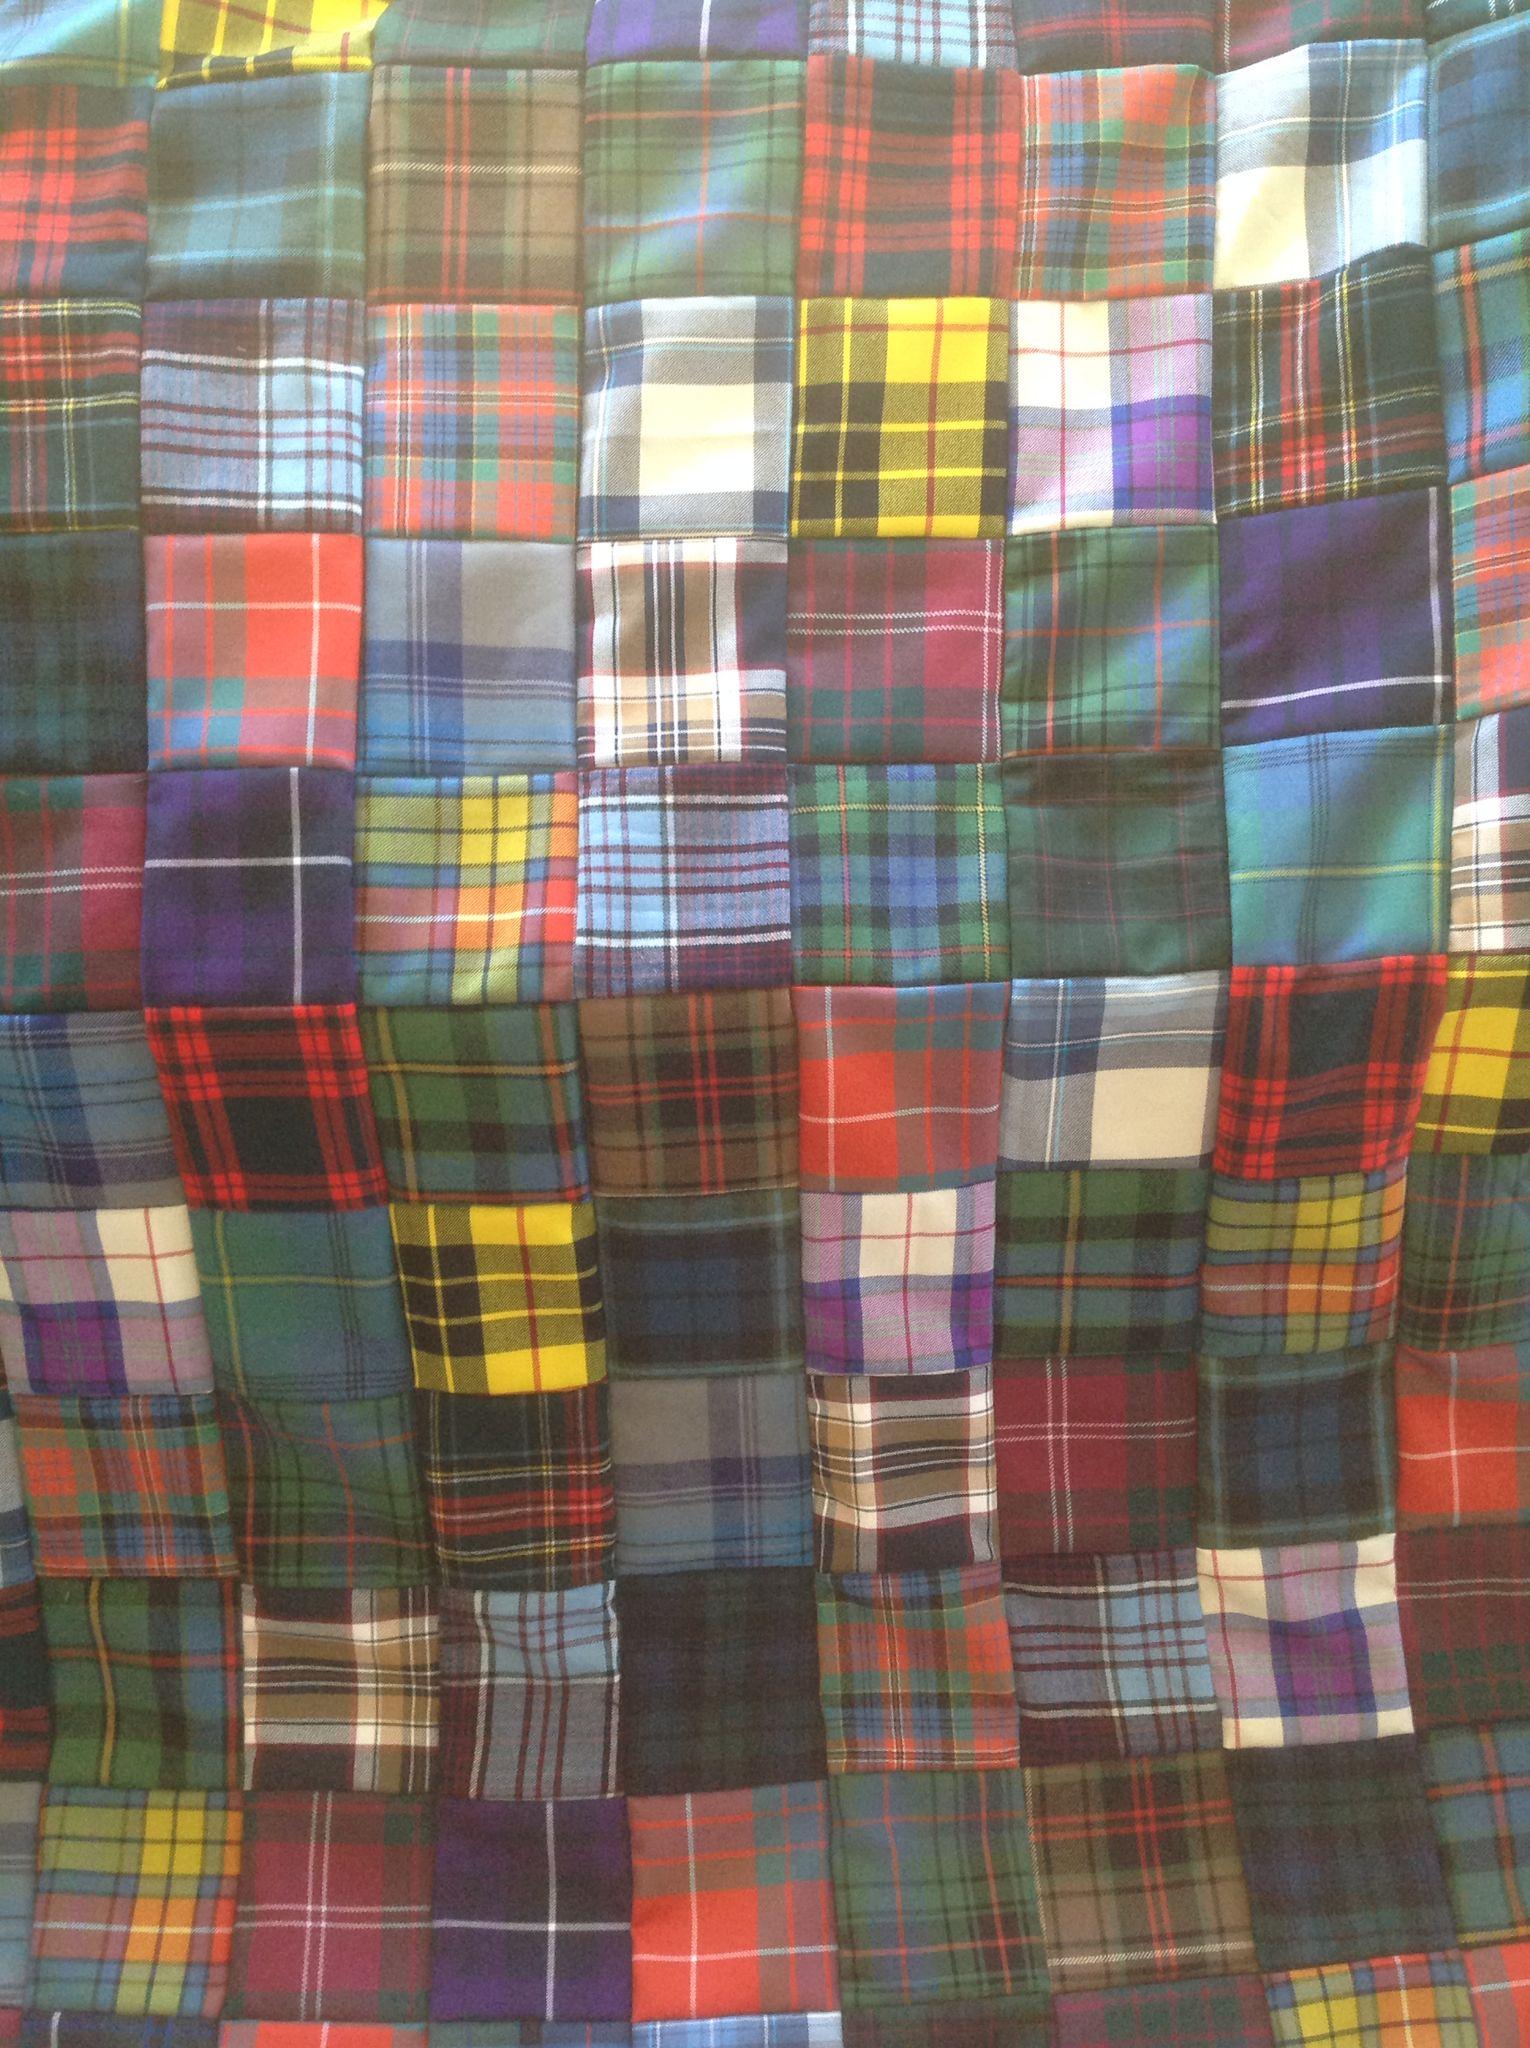 Detail of my tartan quilt. | Scottish Christmas | Pinterest ... : tartan patchwork quilt - Adamdwight.com